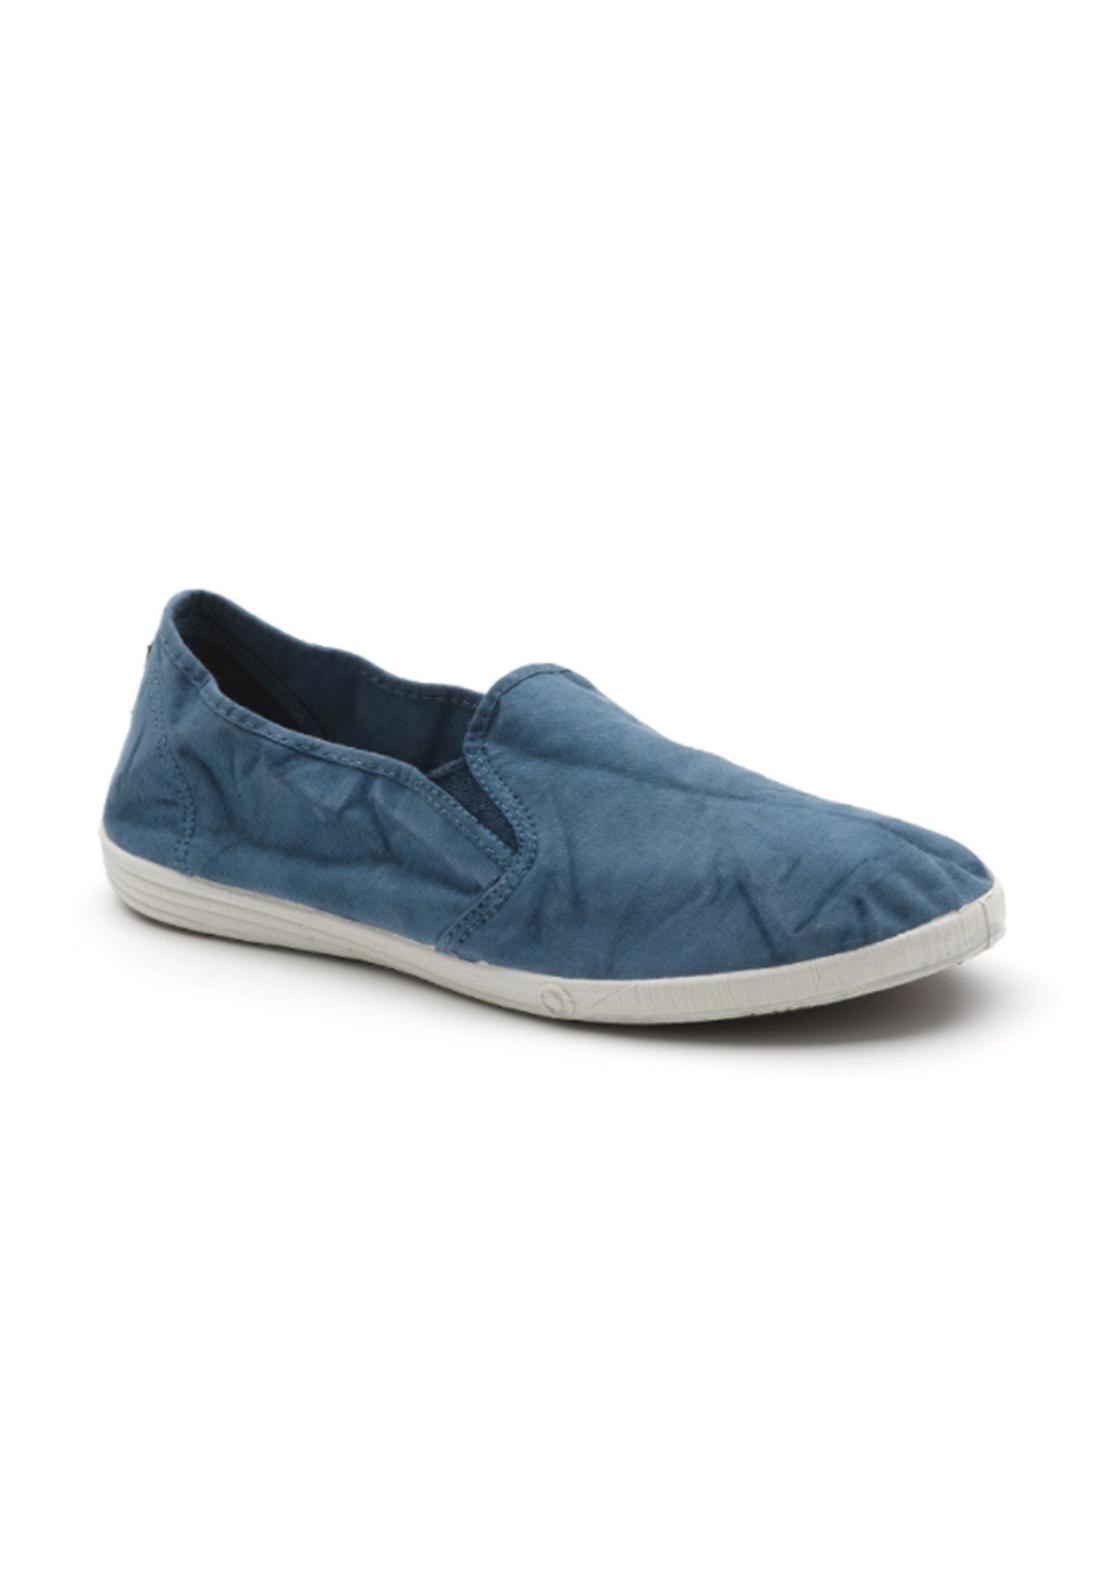 World Natural Eco حذاء كاجول ازرق اللون من